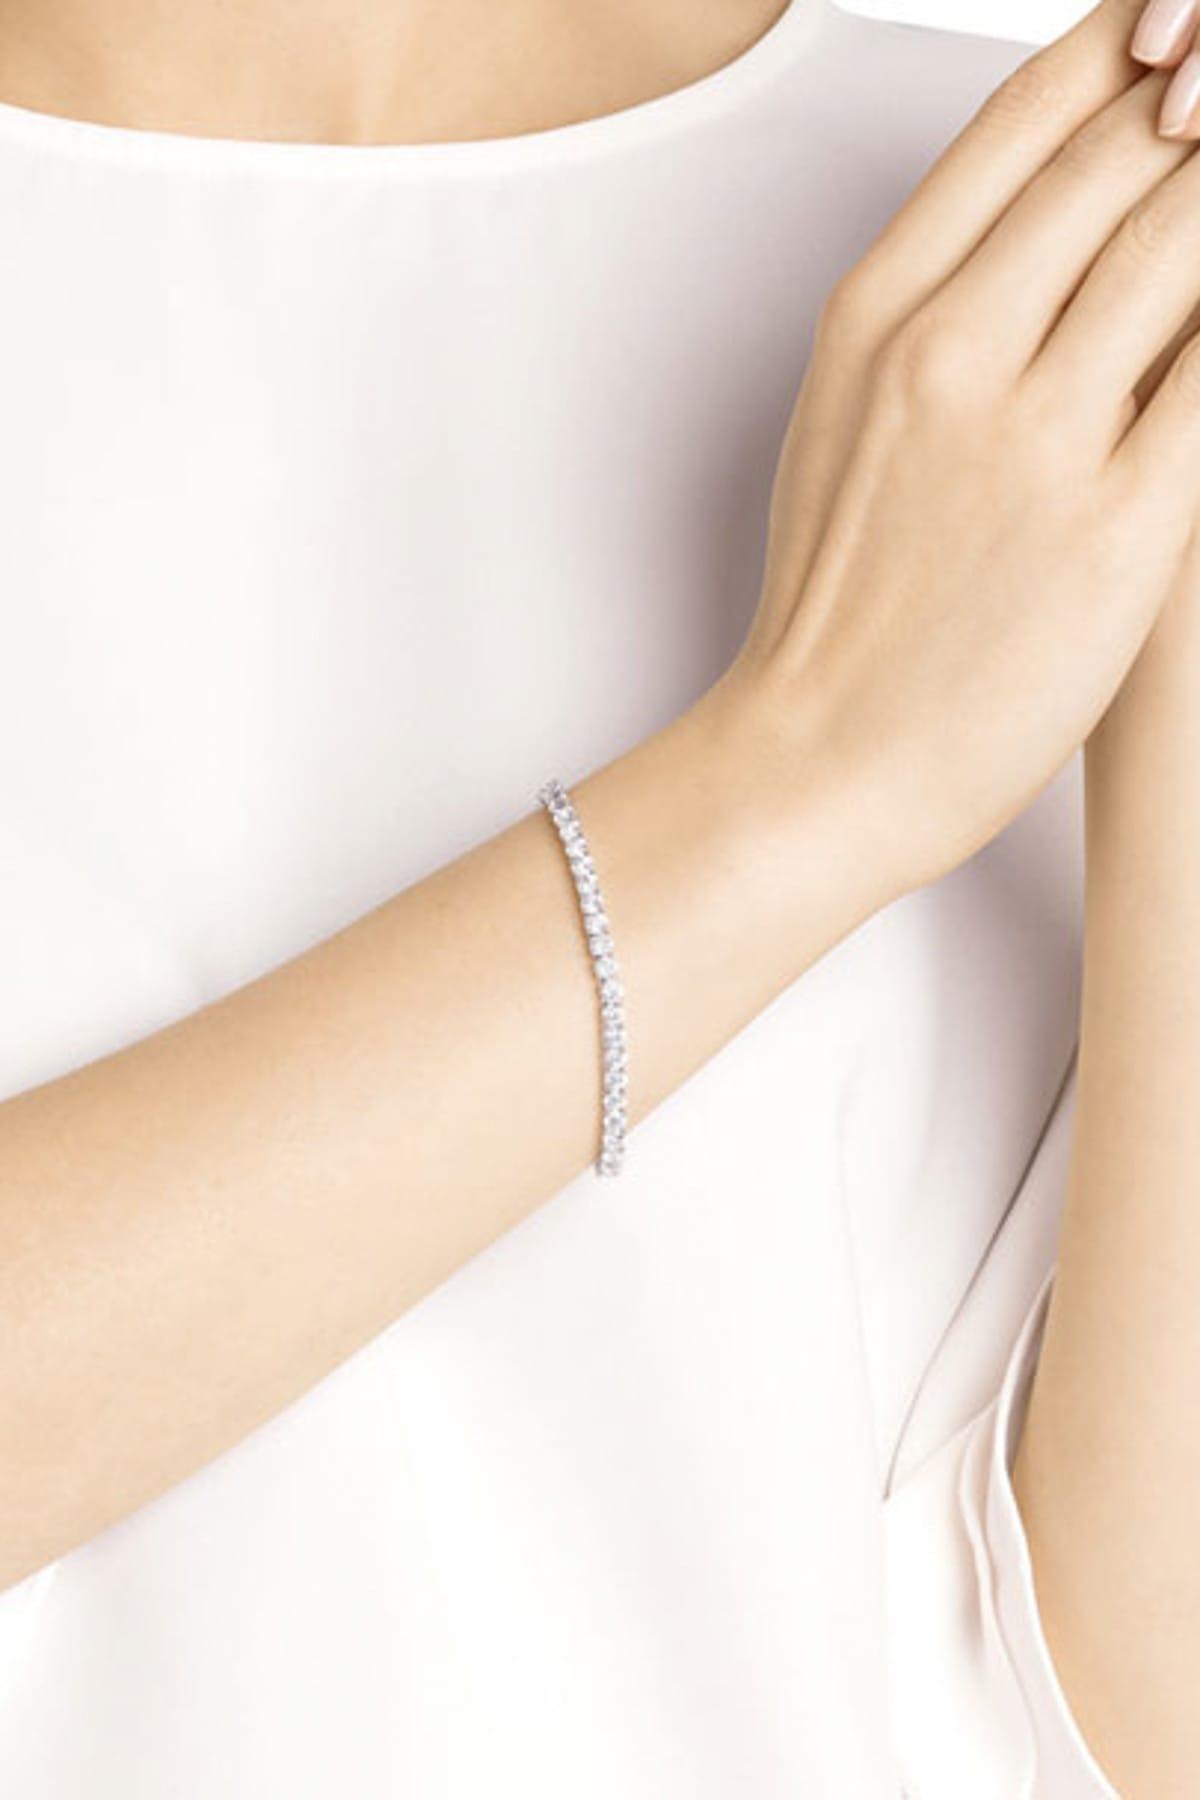 Swarovski Kadın Bilezik Tennis:Bracelet Rnd Dlx Czwh/Rhs M 5409771 1